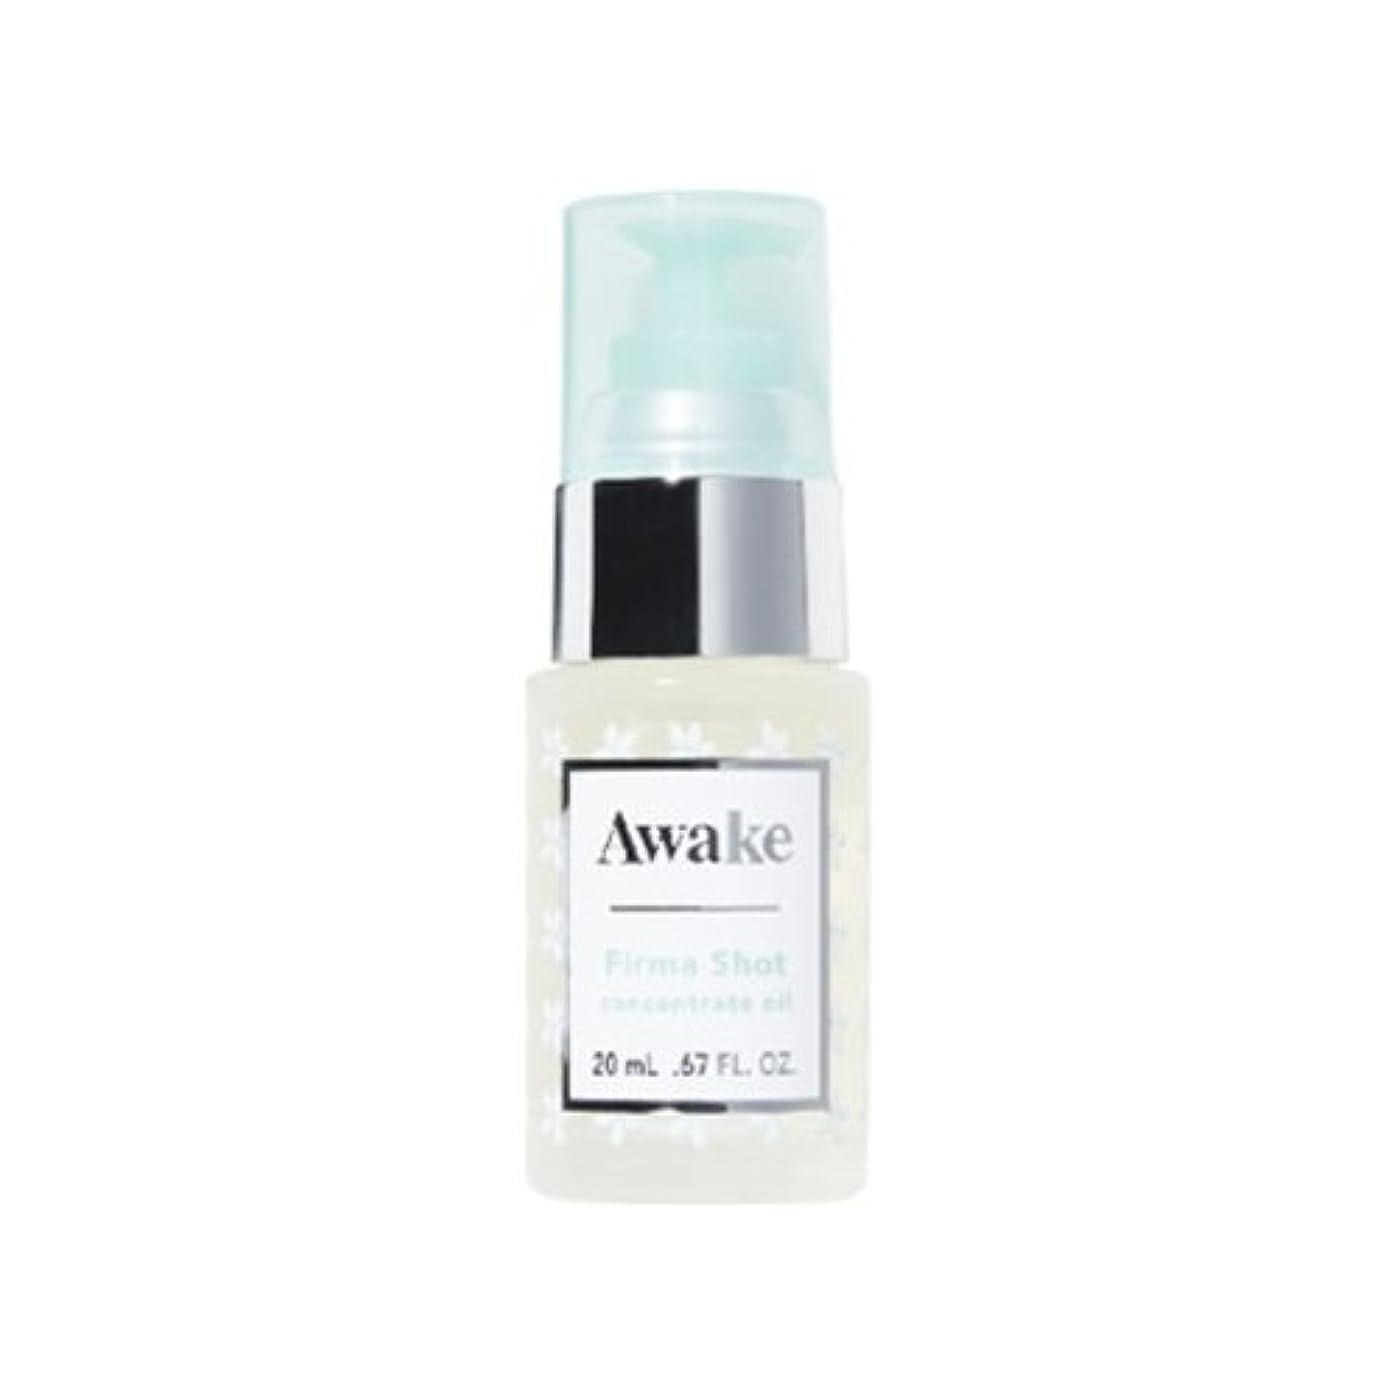 愚かバルブ間欠アウェイク(AWAKE) Awake(アウェイク) ファーマショット コンセントレイトオイル 〈美容オイル〉 (20mL)